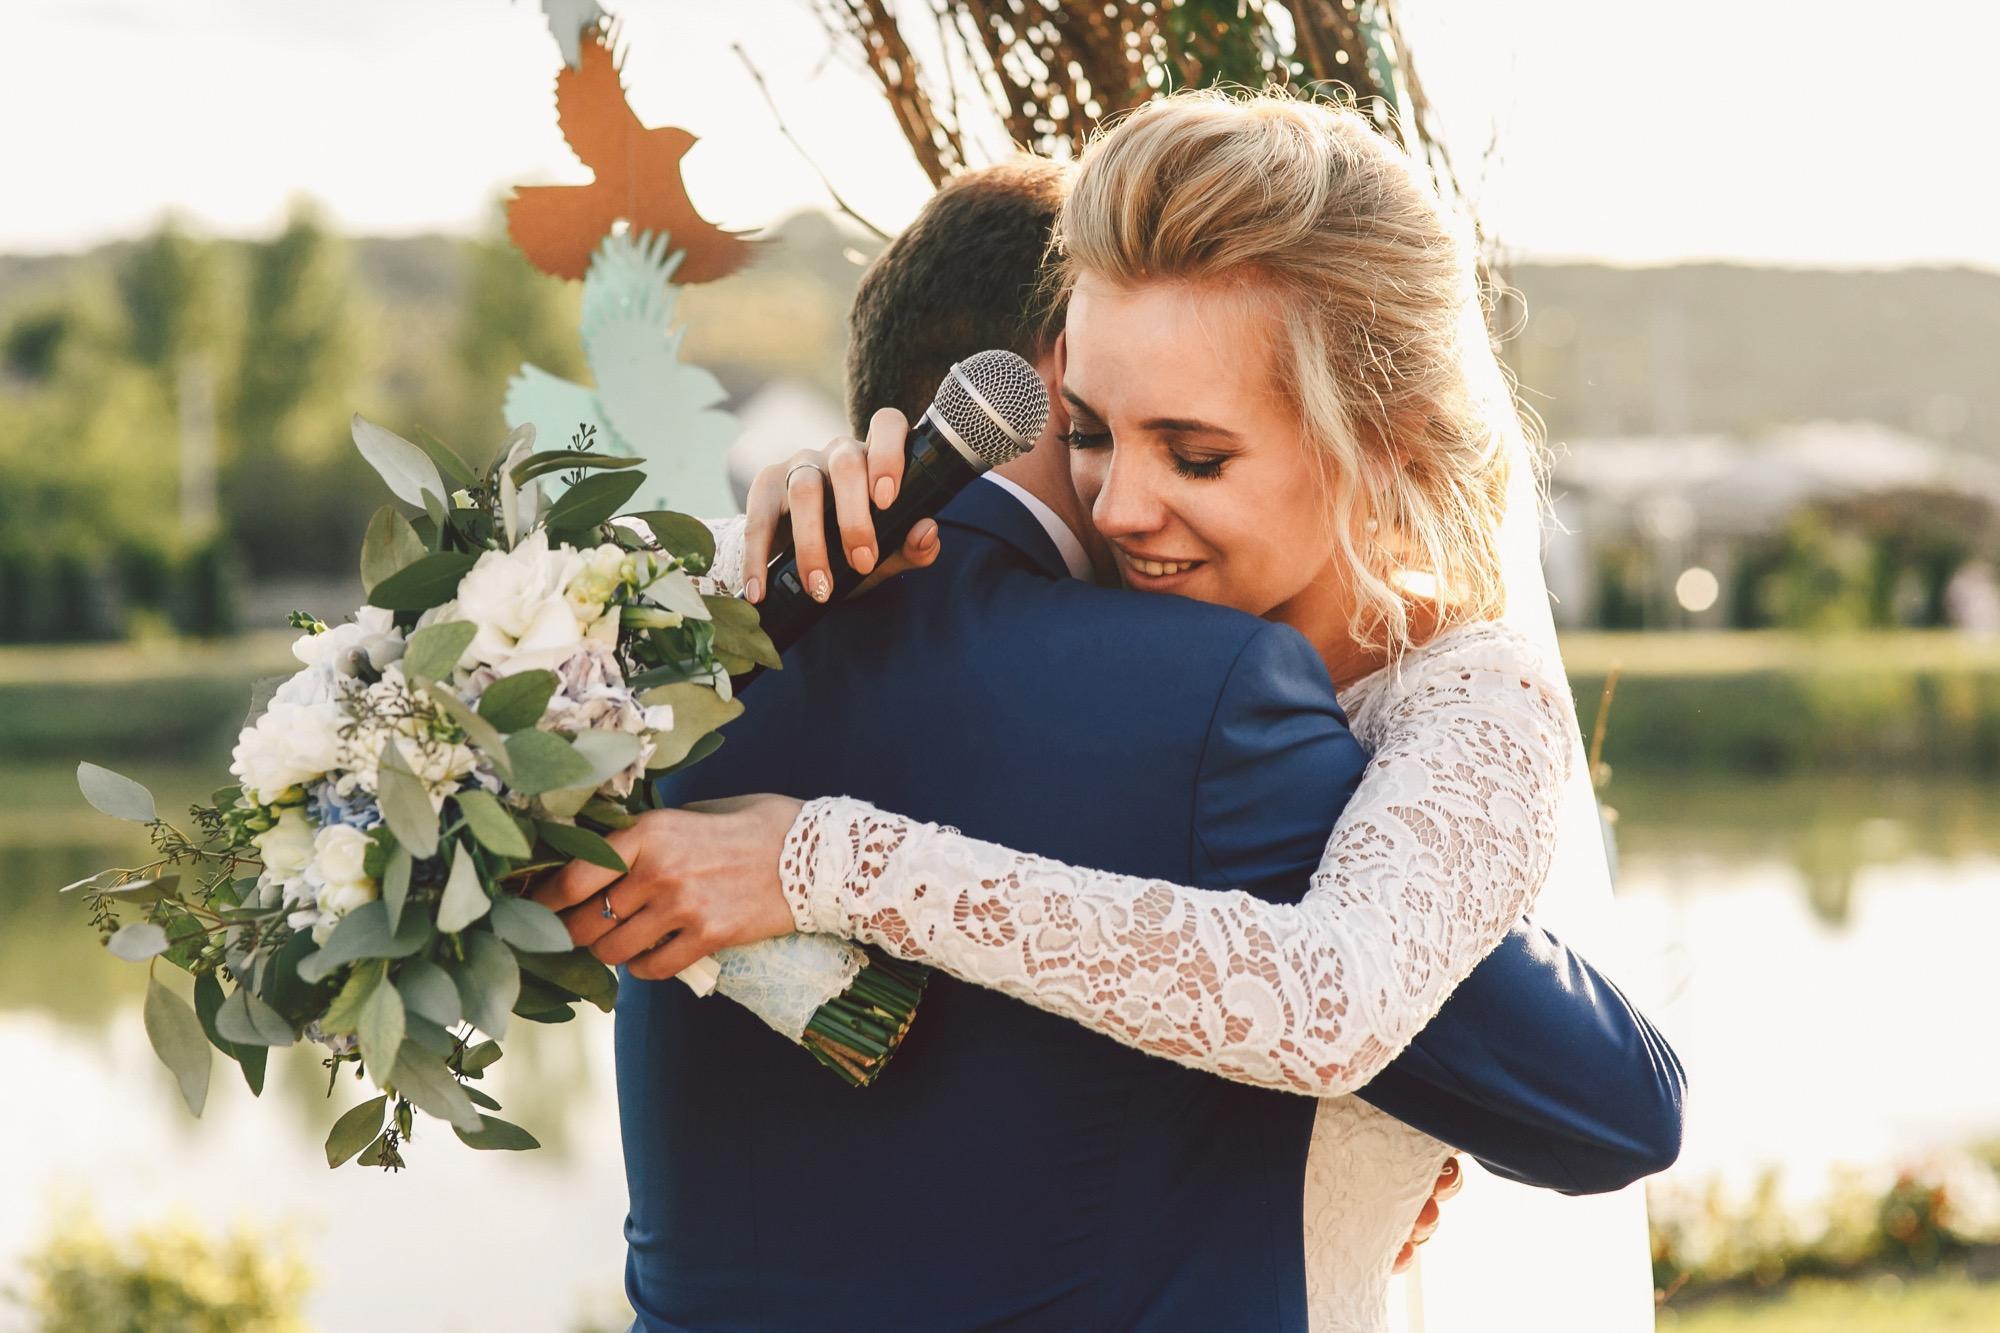 Ansprache Hochzeit  Hochzeitsrede So gelingt perfekte Ansprache